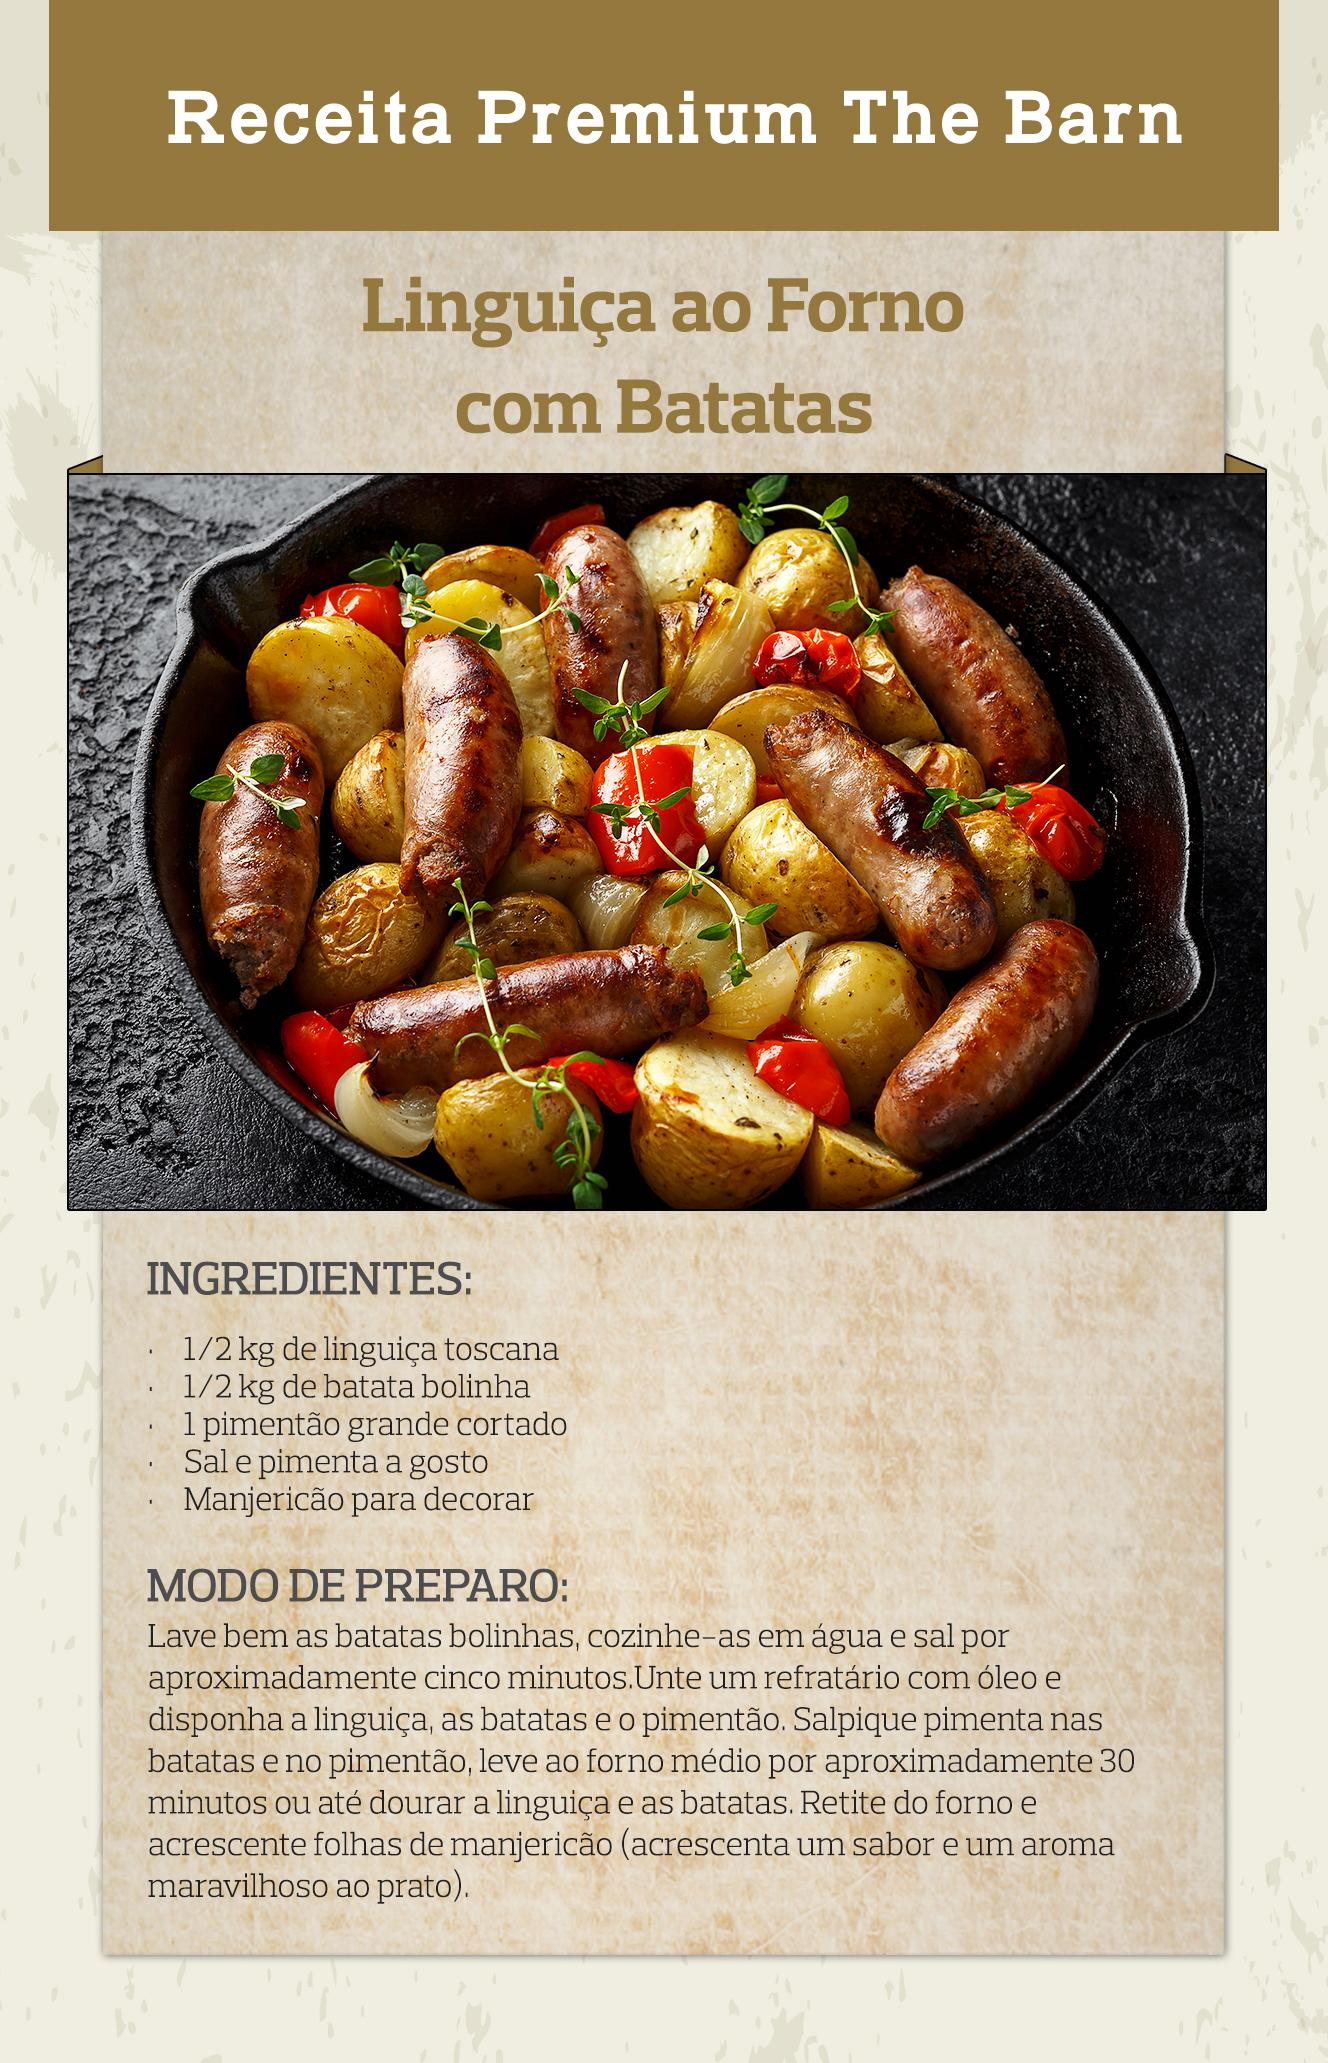 Linguiça ao forno com batatas